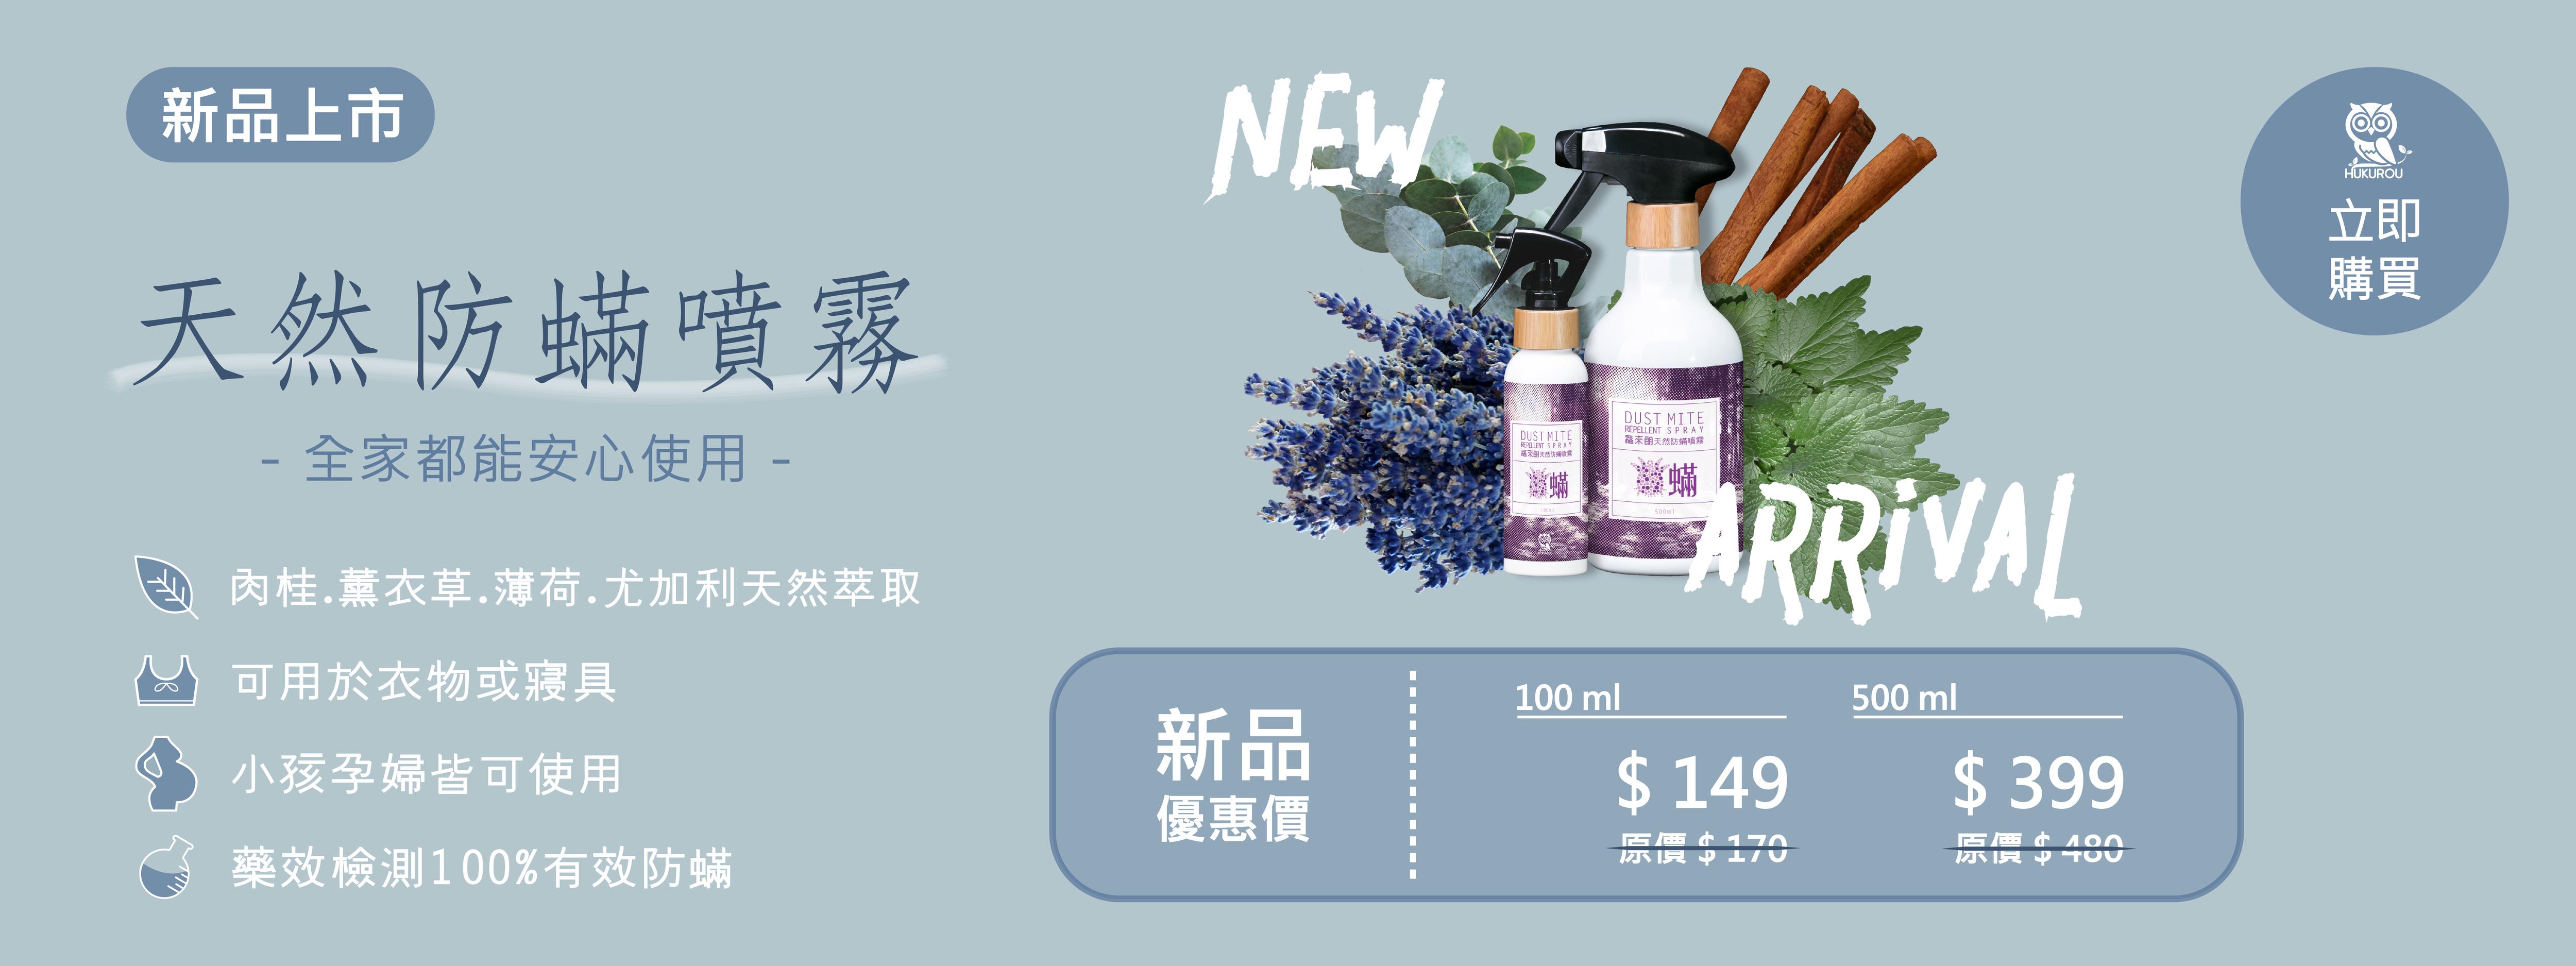 福來朗-居家害蟲管理 天然防螨噴霧新品上市